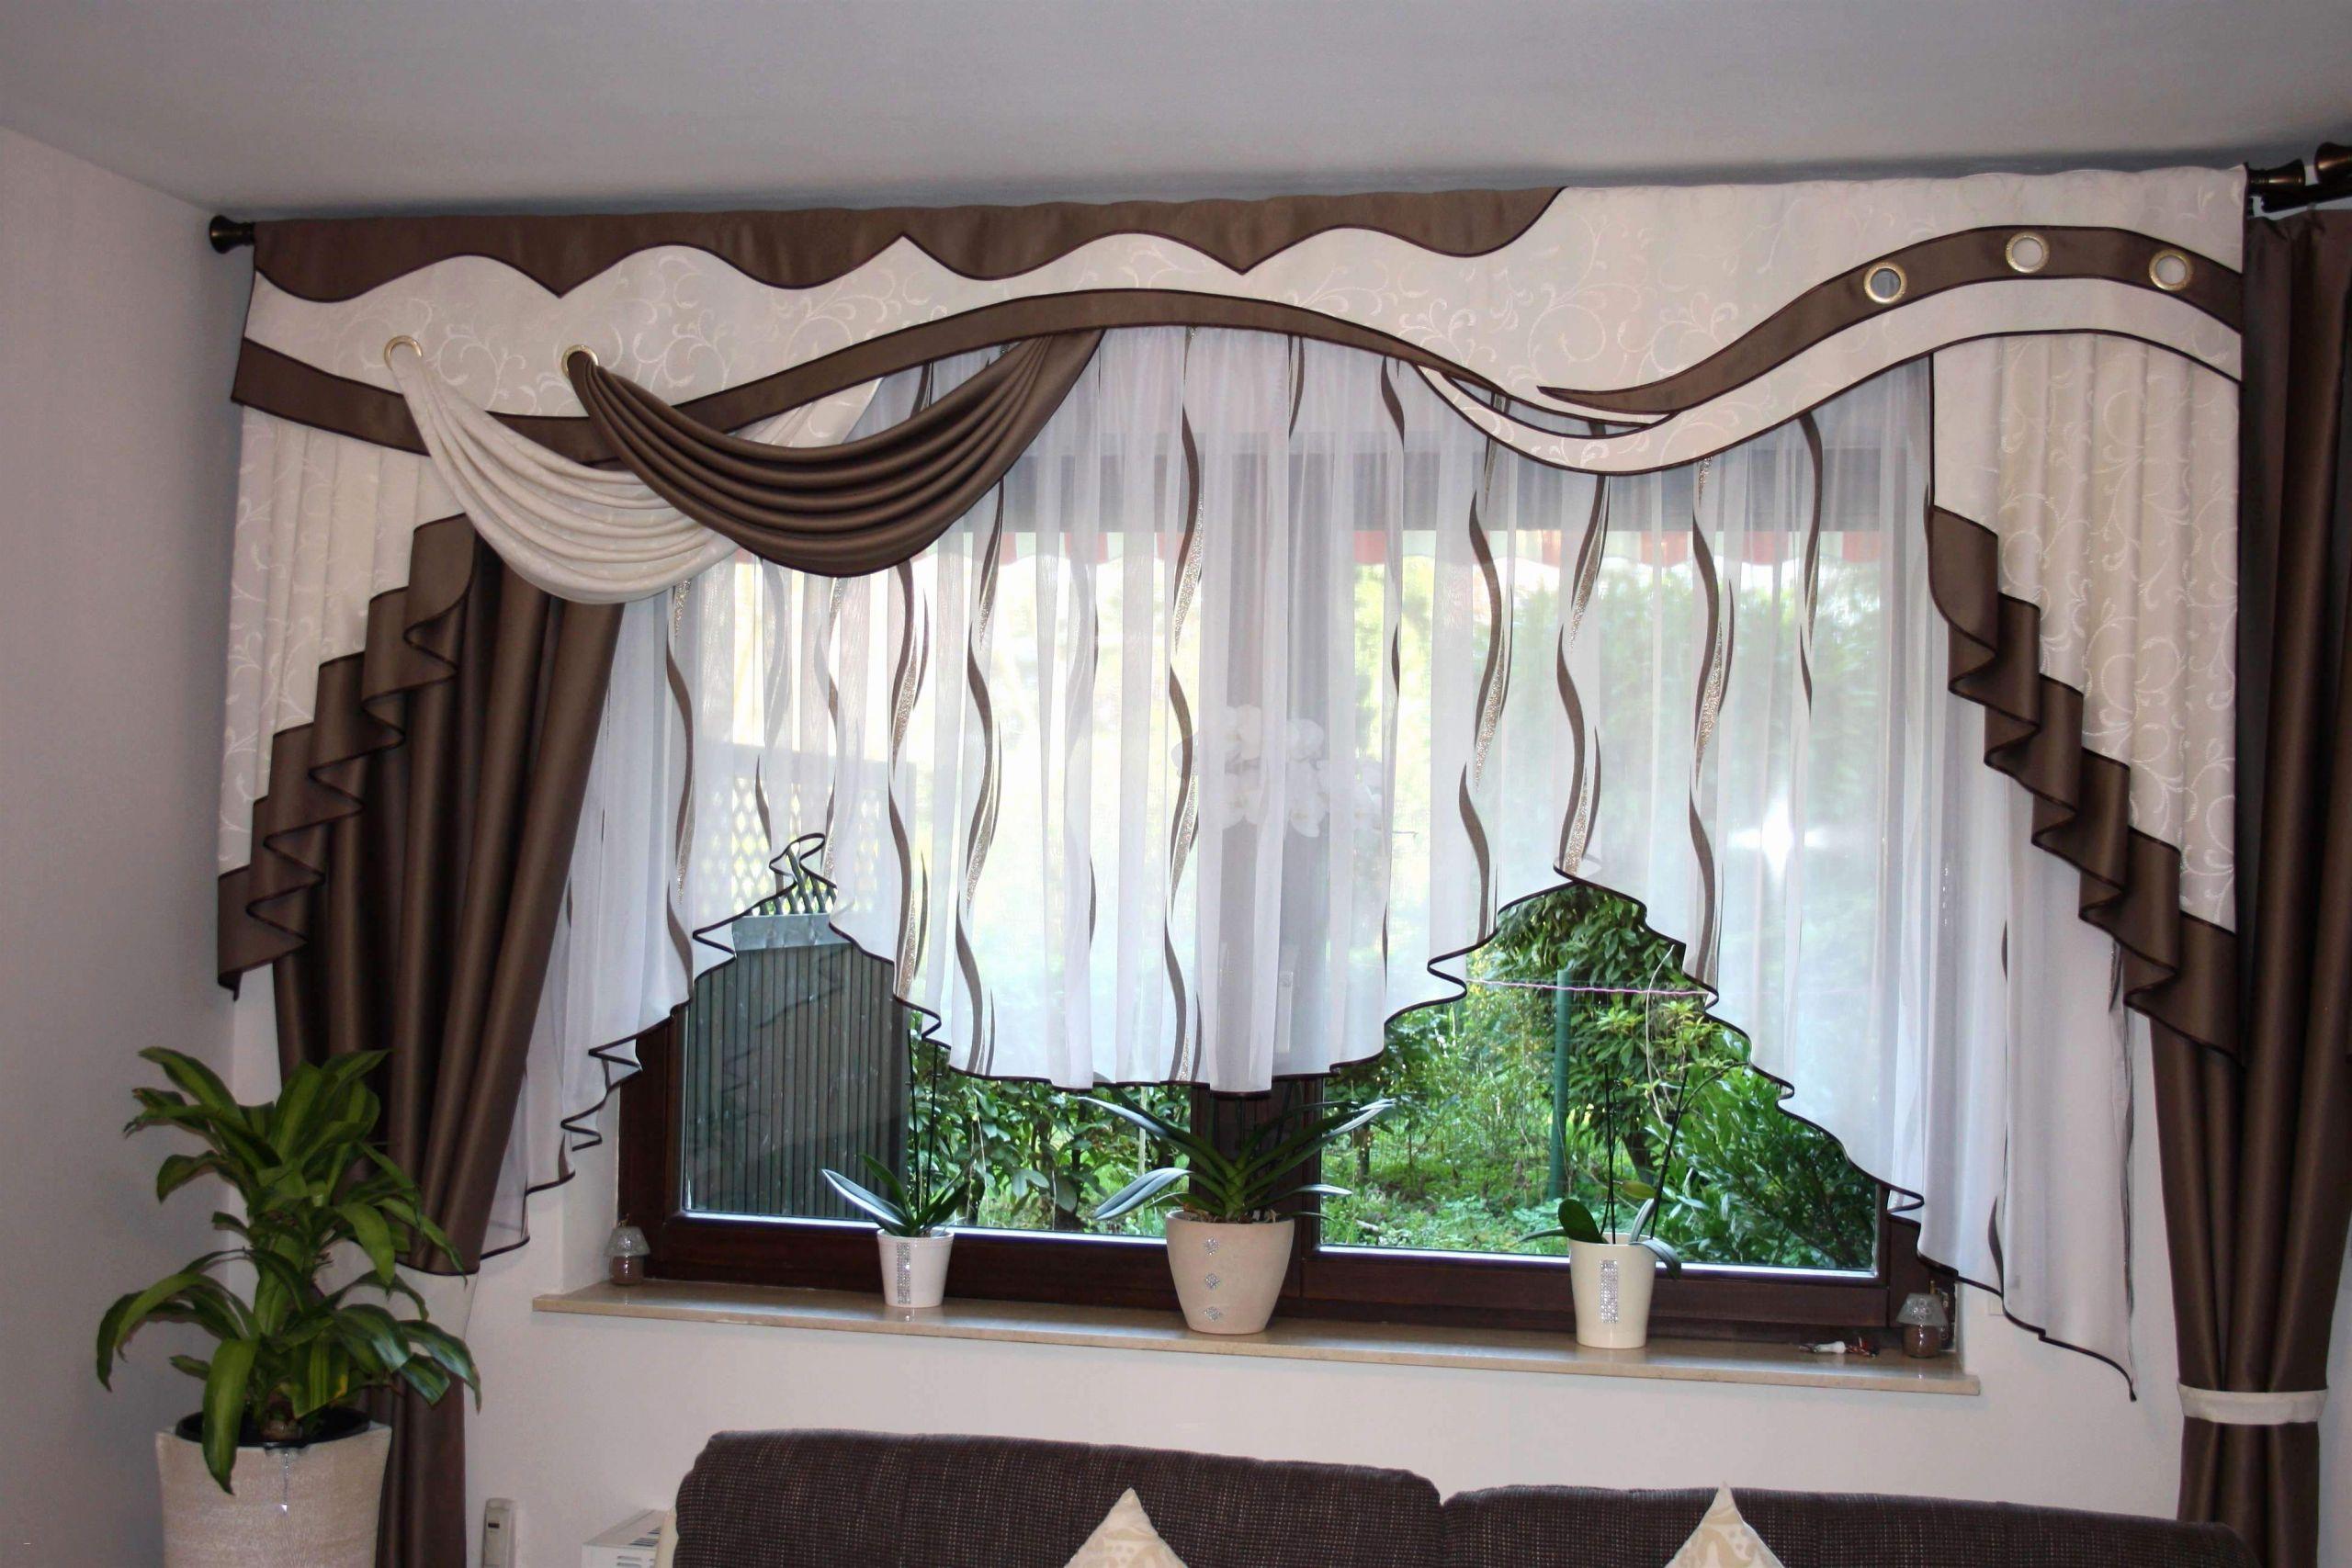 Full Size of Fensterdekoration Gardinen Beispiele 5 Einzigartig Dekorationsvorschlge Wohnzimmer Für Küche Schlafzimmer Scheibengardinen Die Fenster Wohnzimmer Fensterdekoration Gardinen Beispiele